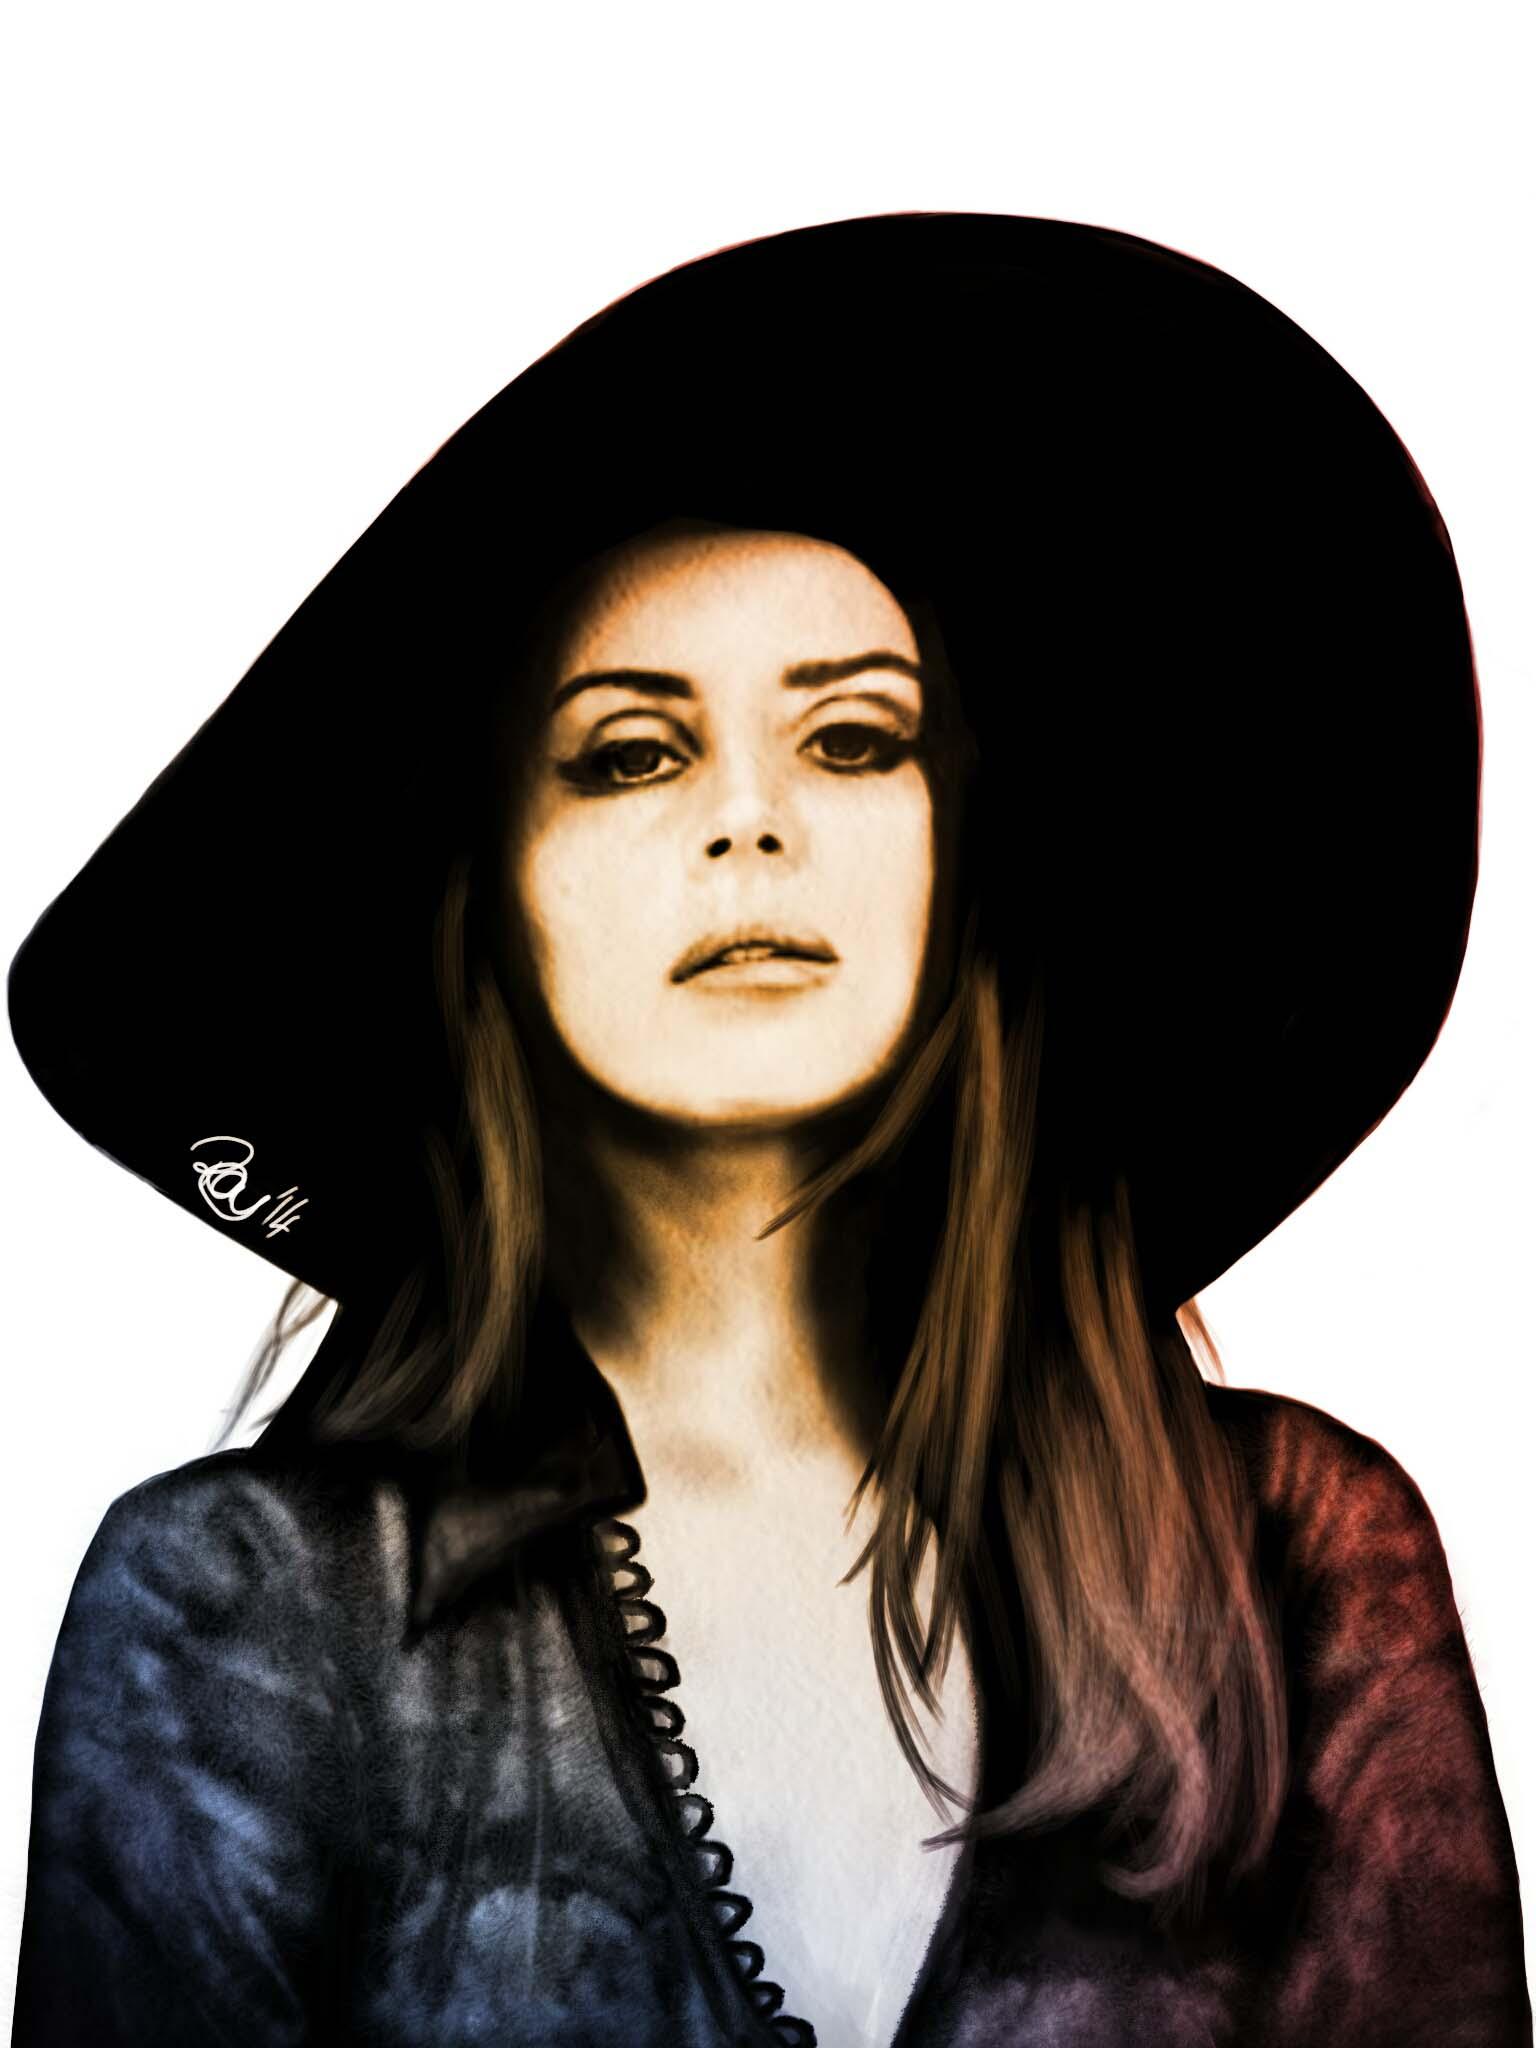 Lana-Del-Rey-